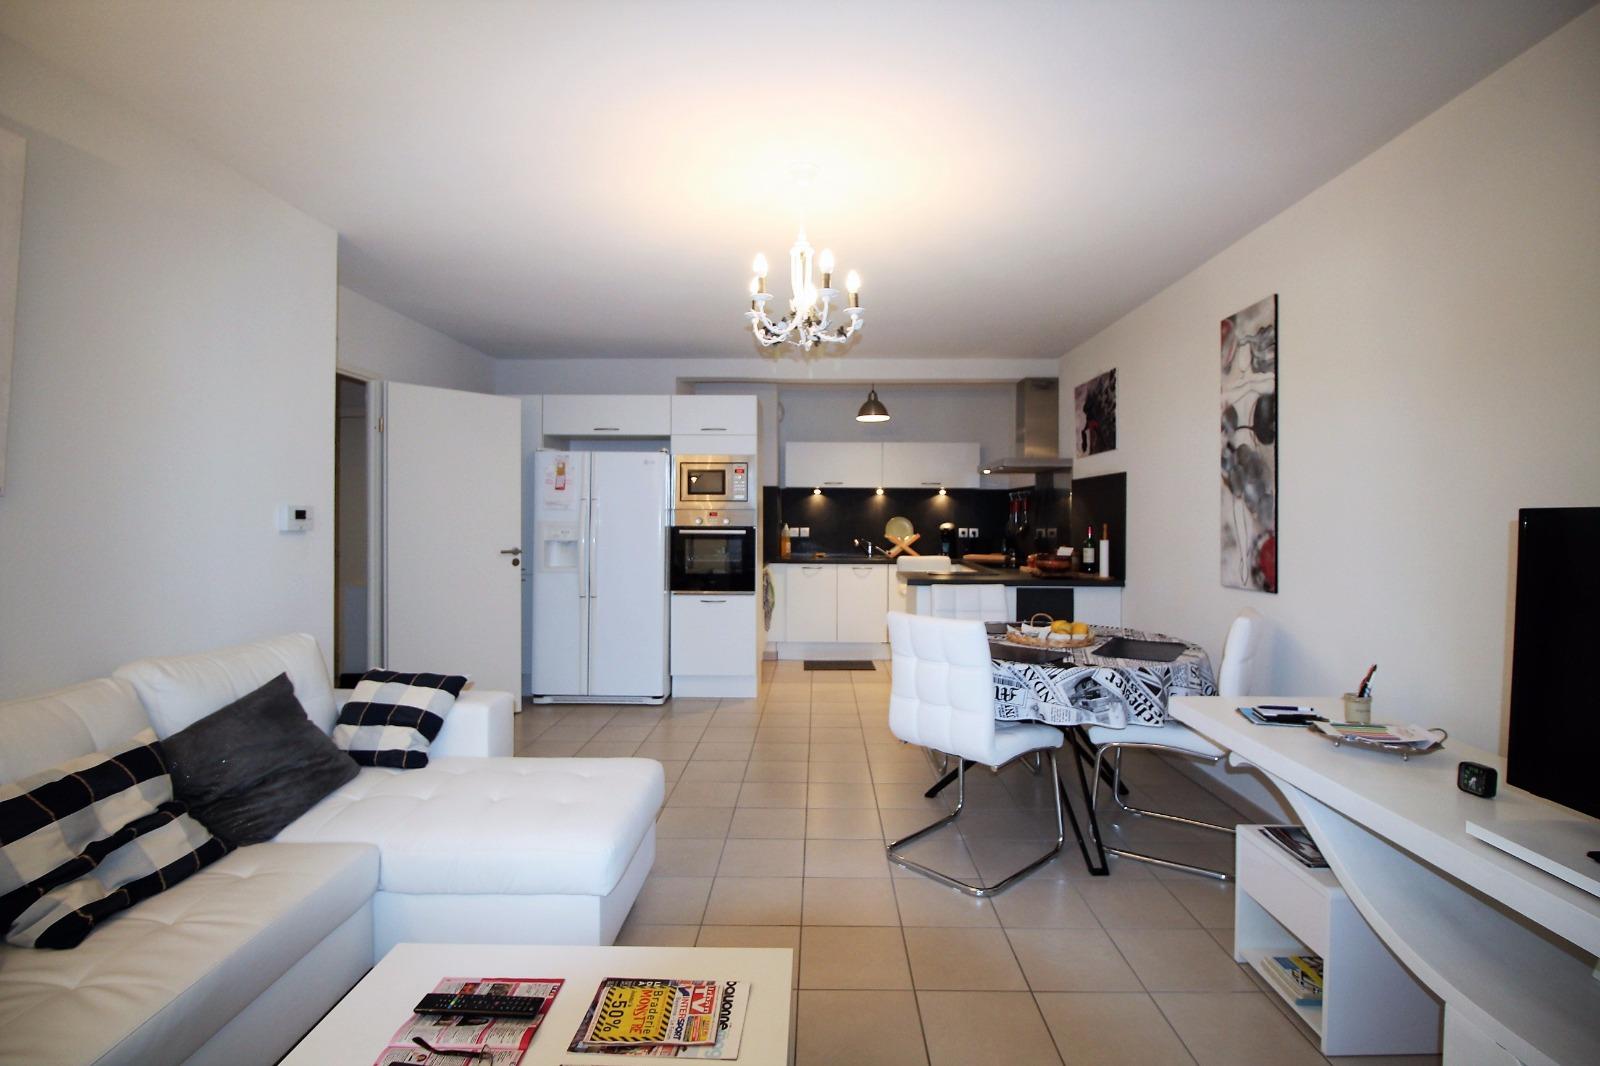 appartement t3 bayonne immobilier maison en vente ou loc bayonne avec era foch immobilier. Black Bedroom Furniture Sets. Home Design Ideas